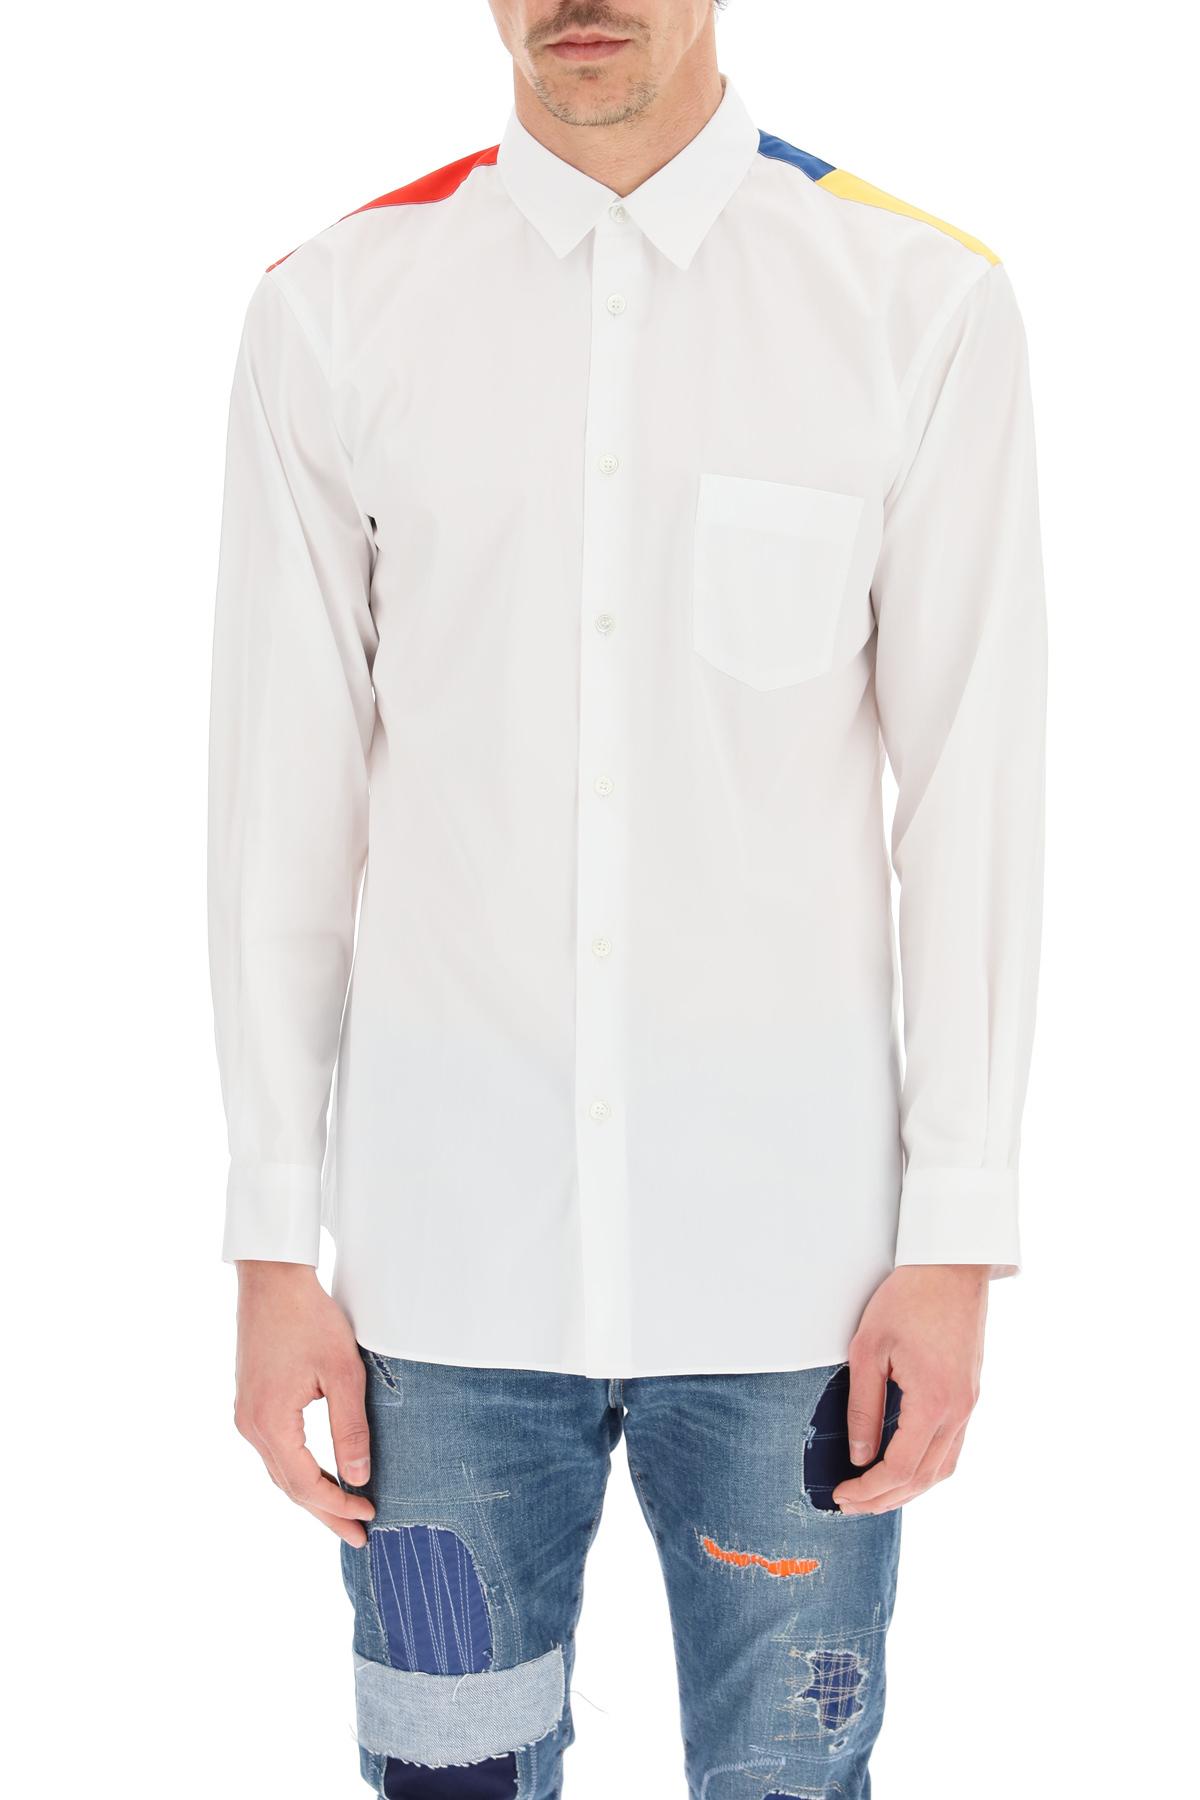 Comme des garcons shirt camicia popeline con inserto